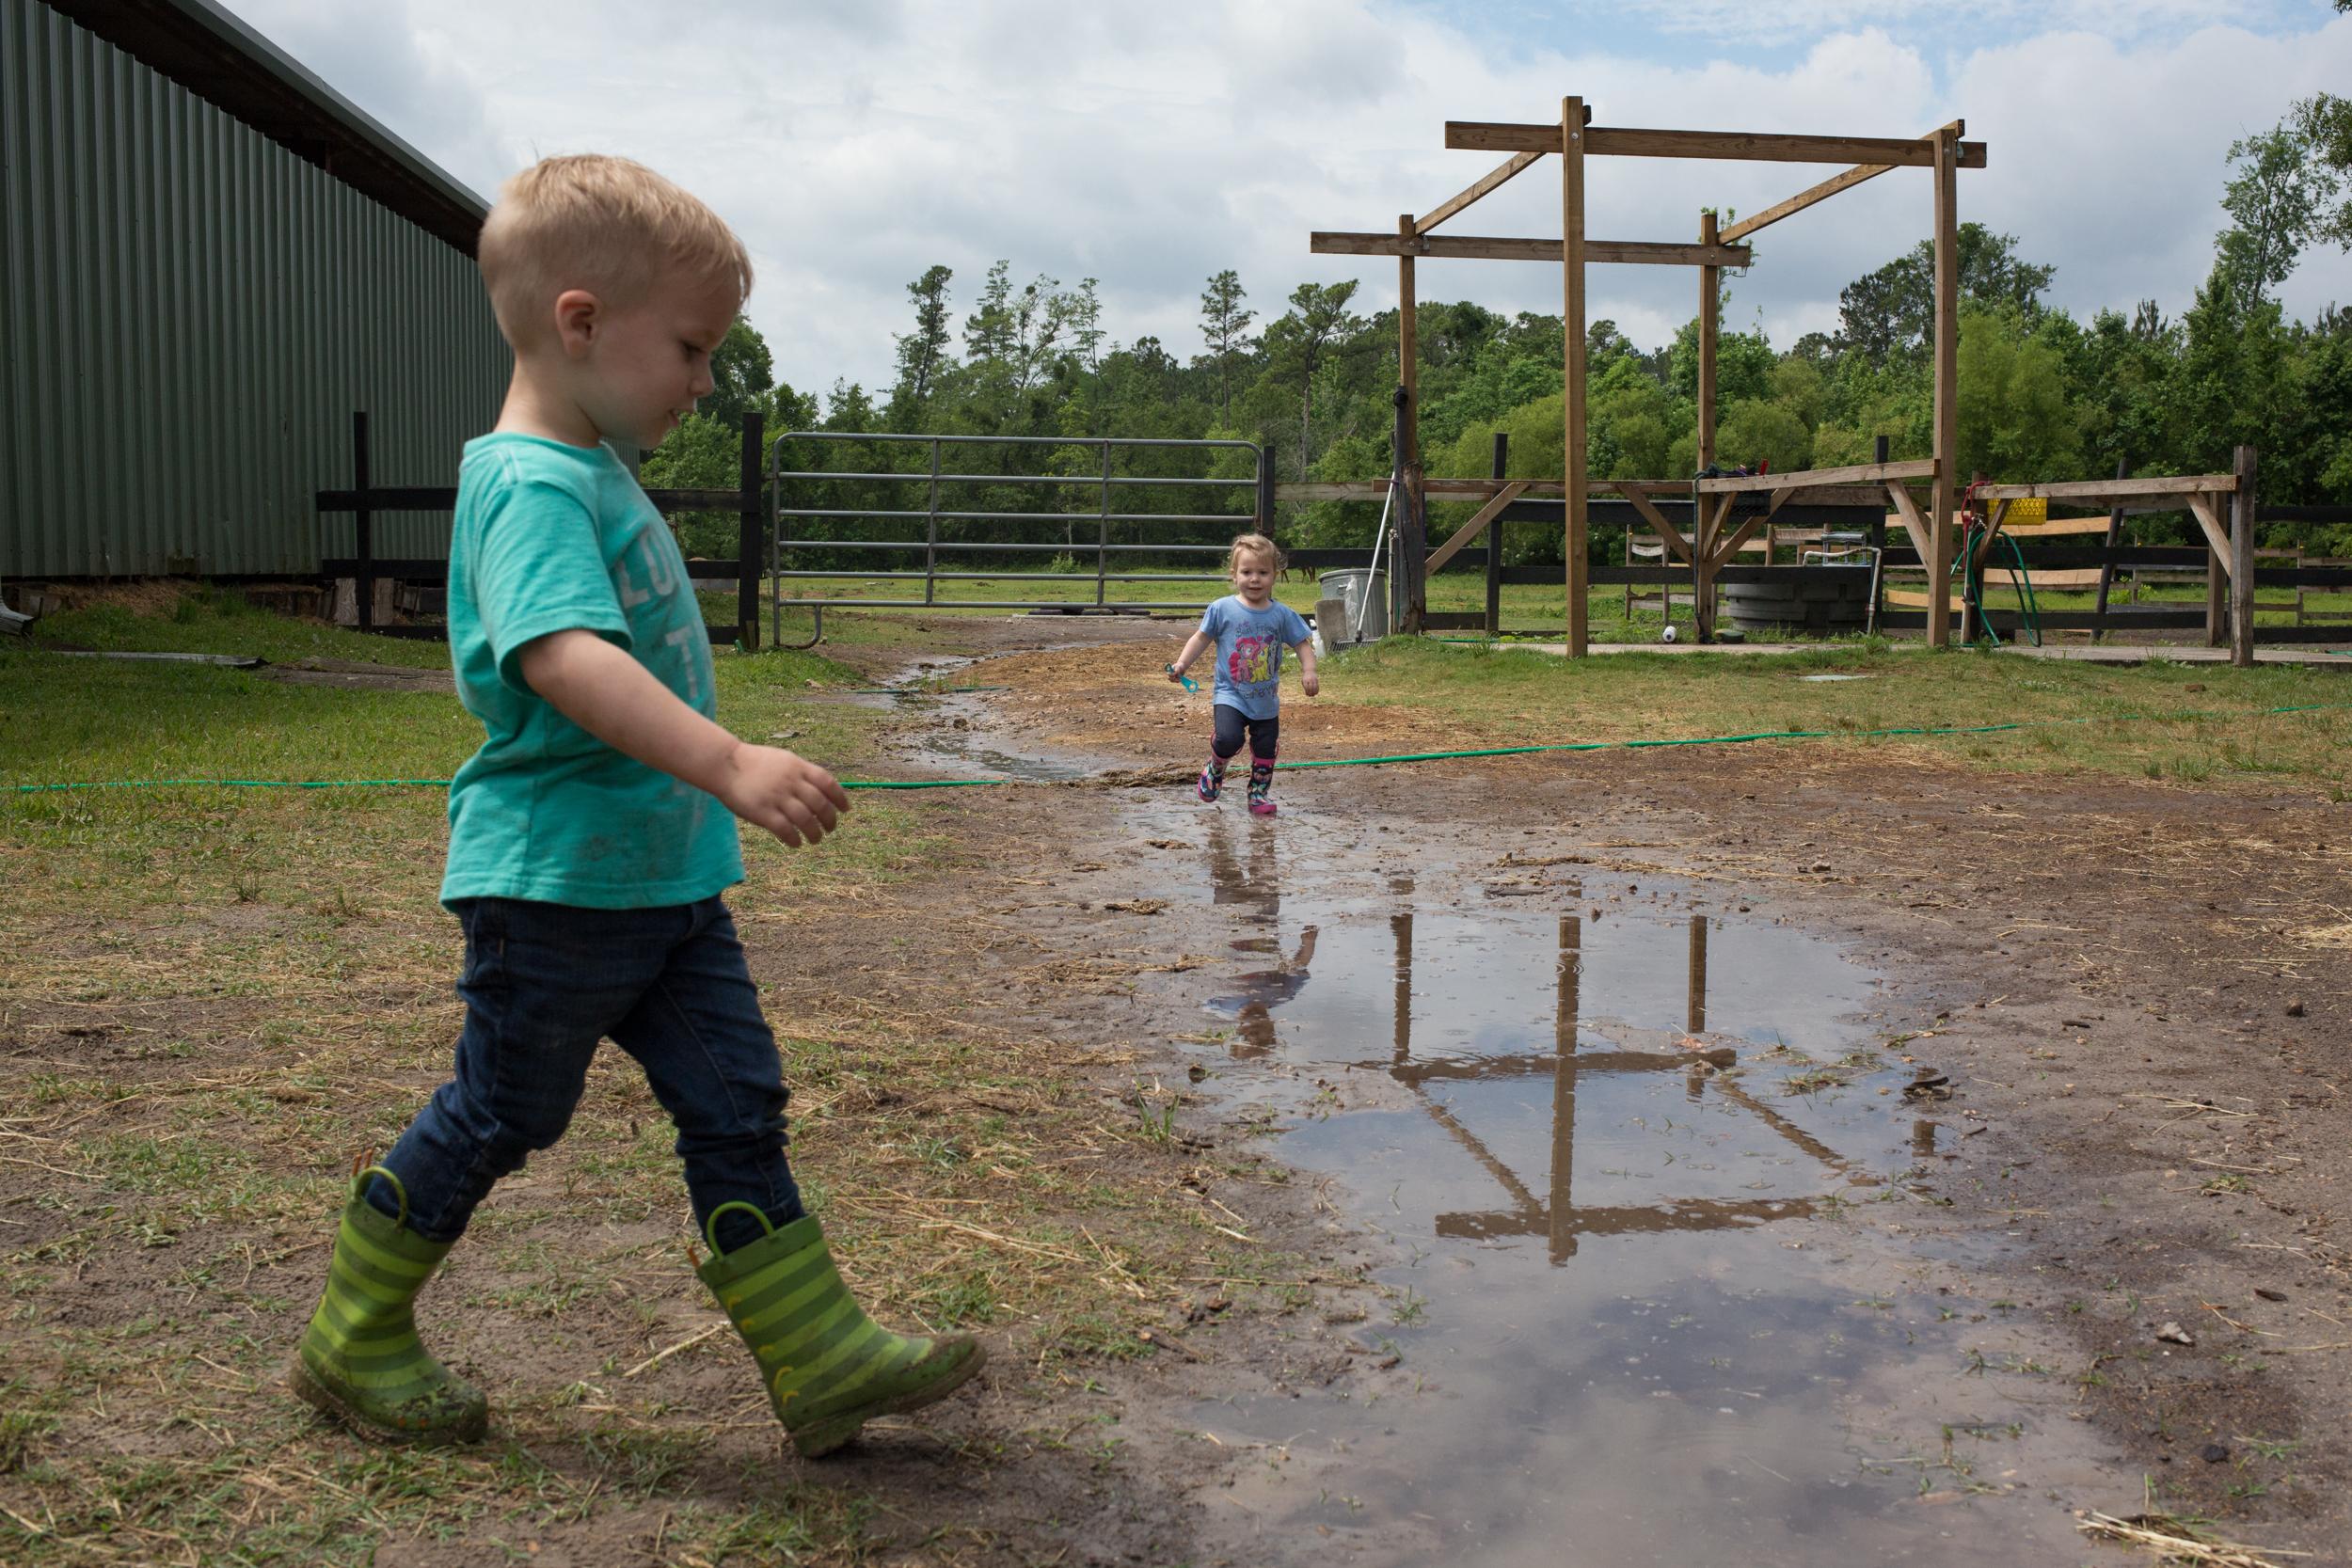 jacksonville-family-photographer-documentary-24.jpg